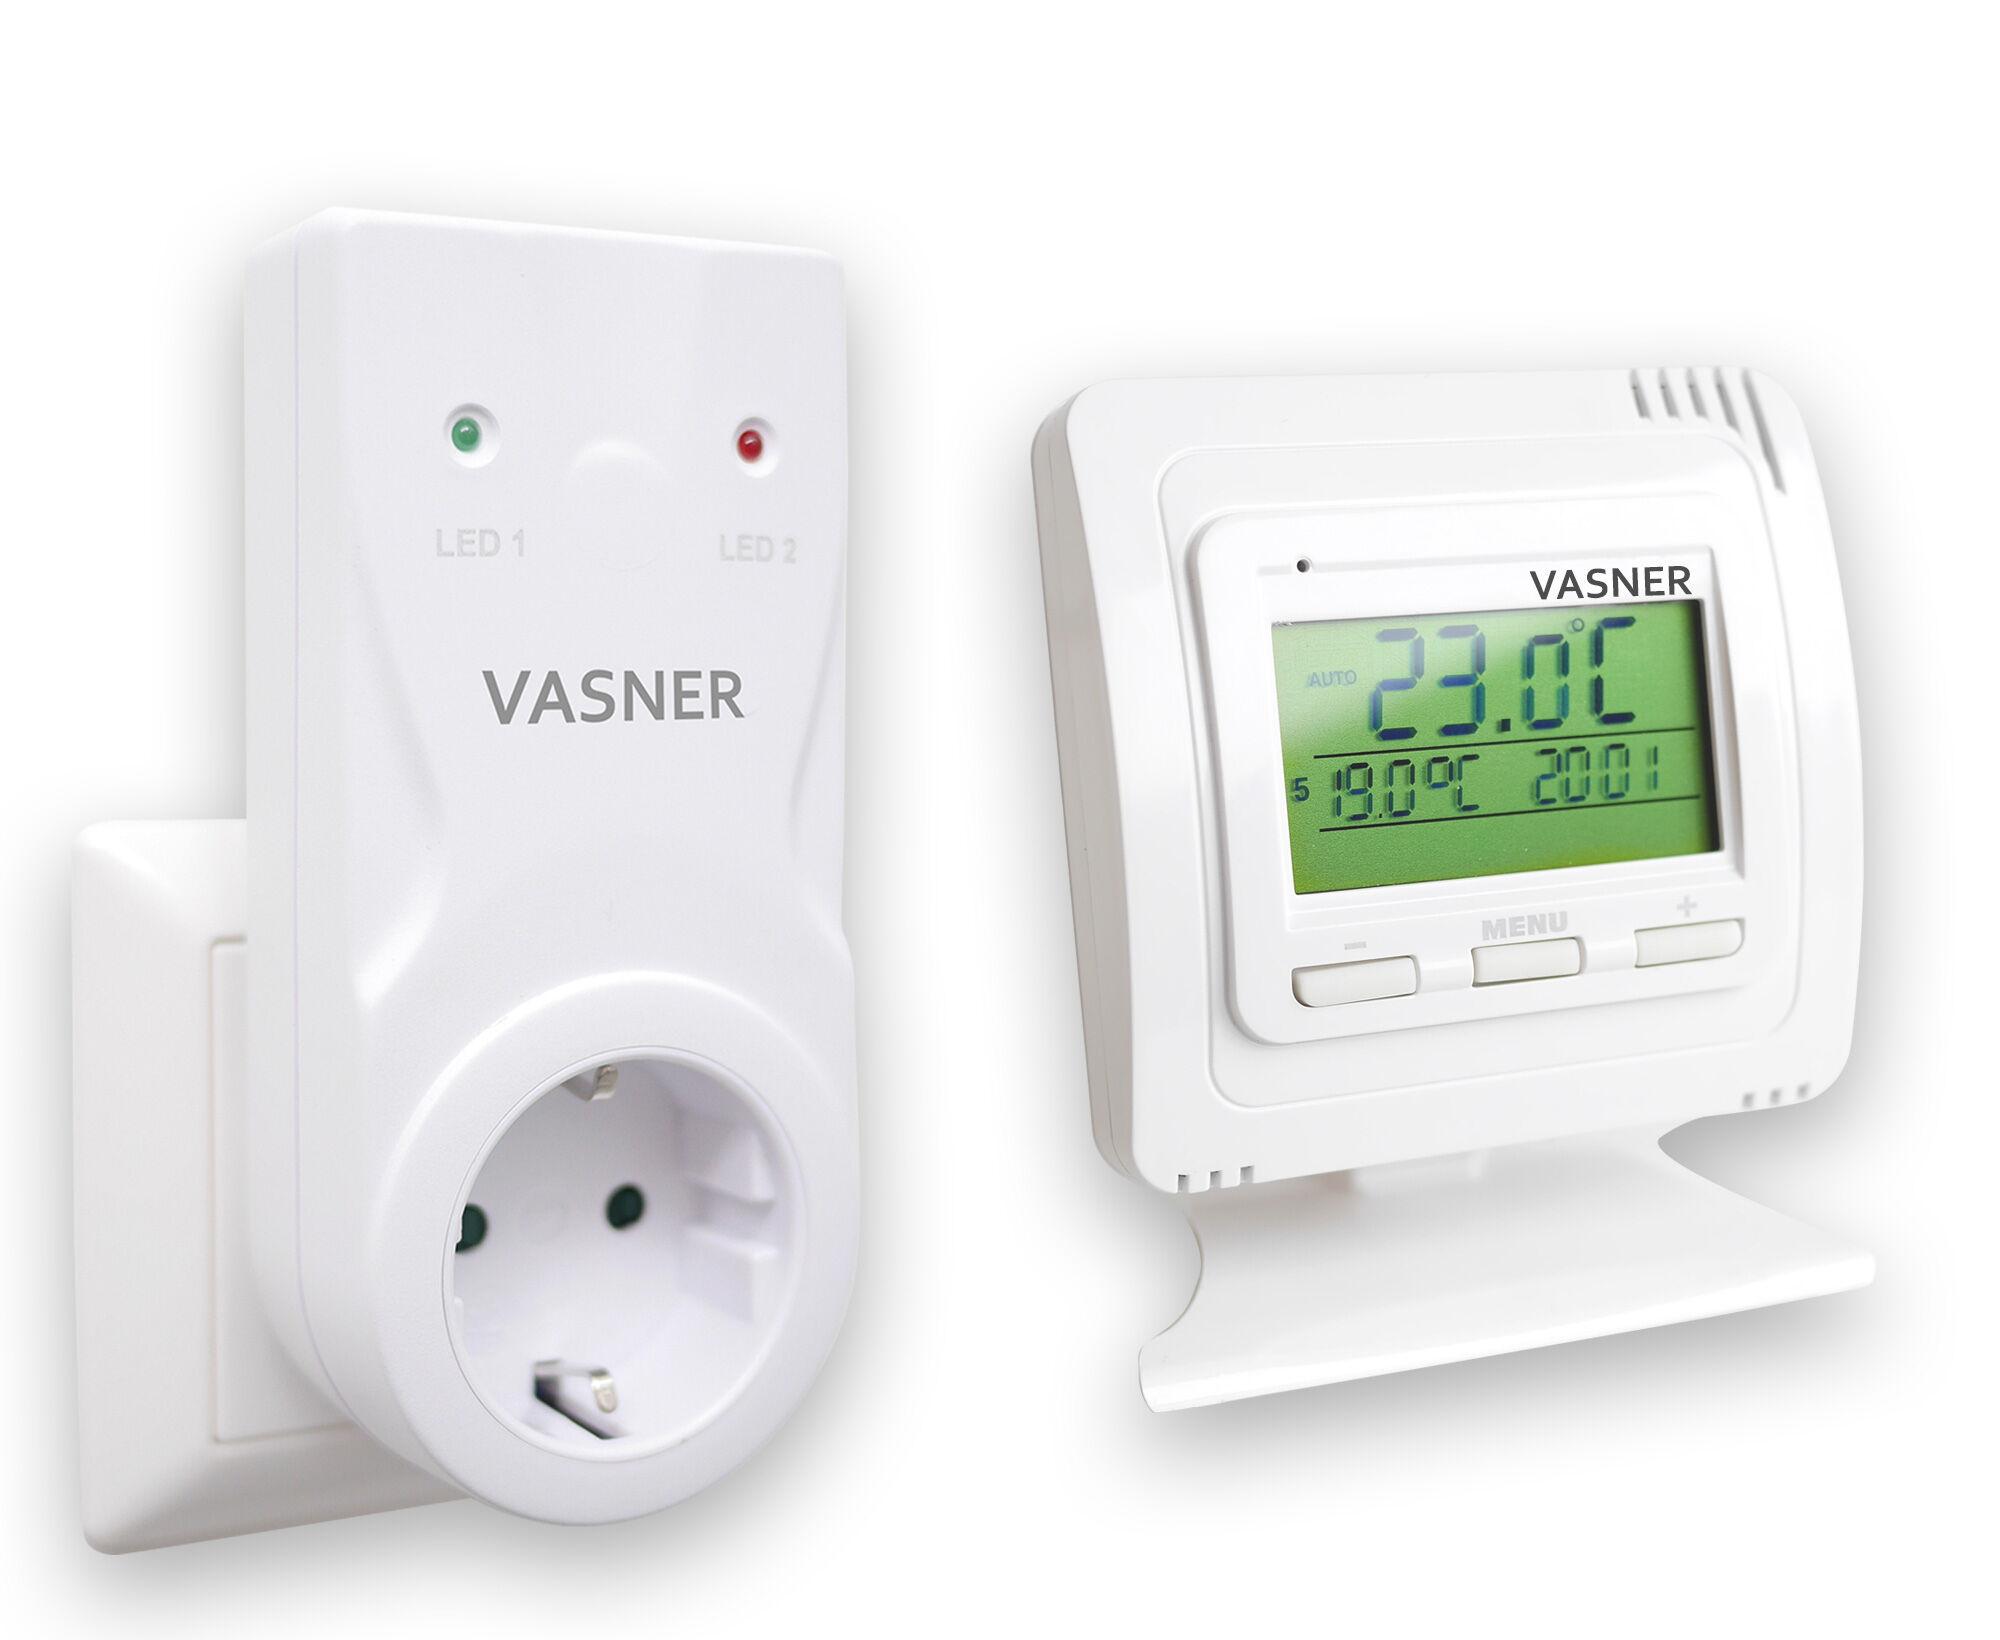 Heizen mit erneuerbaren Energien und programmierbarem Thermostat